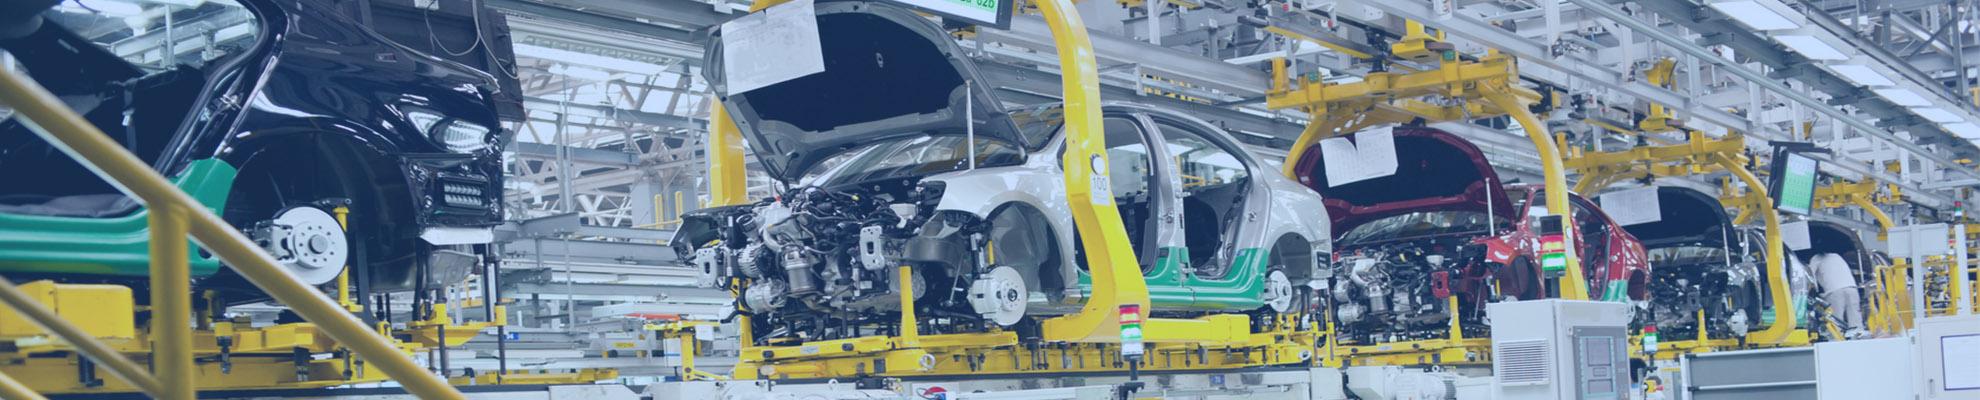 Pojištění průmyslu a odpovědnosti